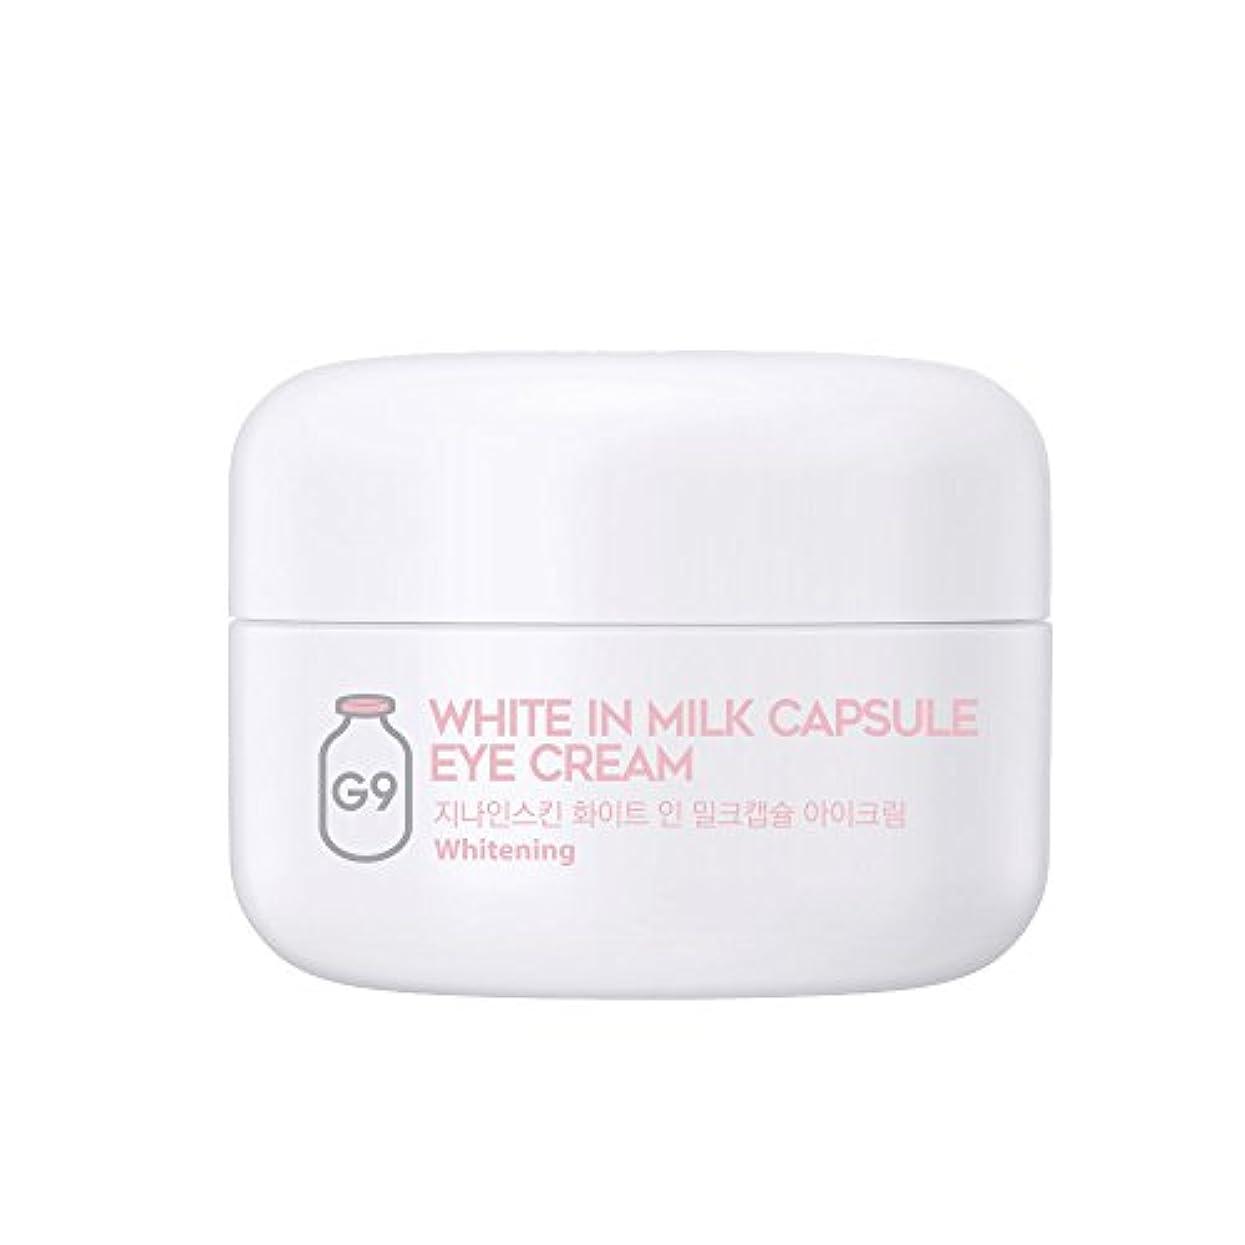 リッチ波名前G9SKIN(ベリサム) White In Milk Capsule Eye Cream ホワイトインミルクカプセルアイクリーム 30g